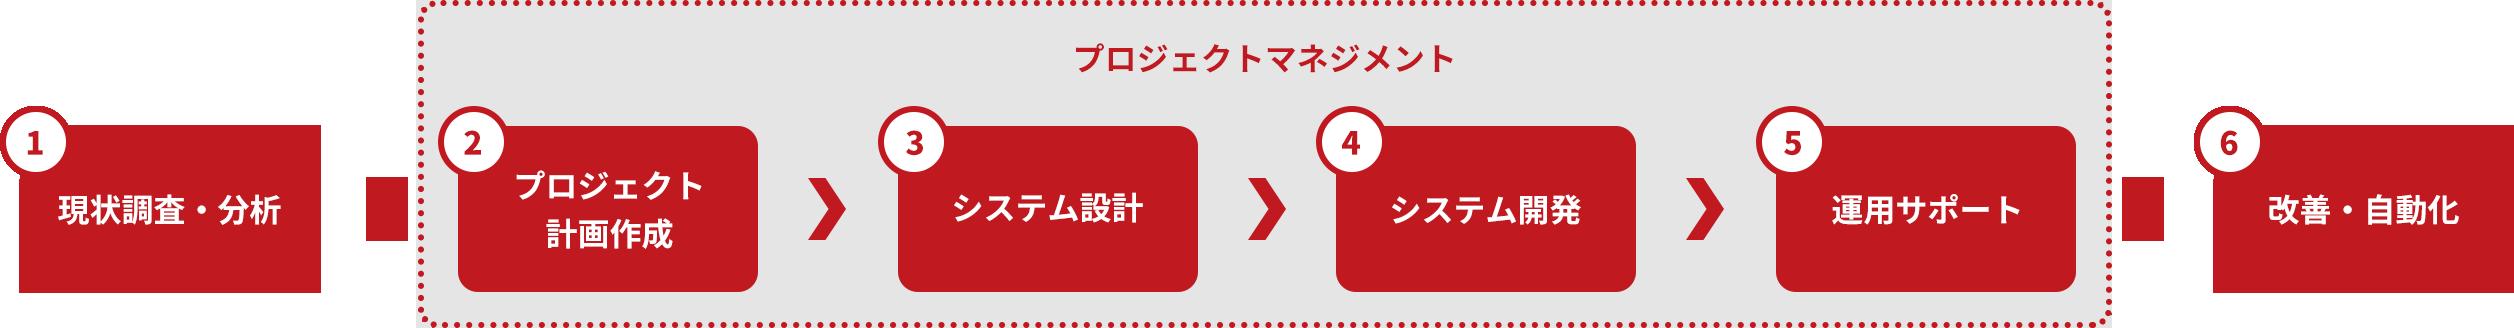 サービスメニュー チャート